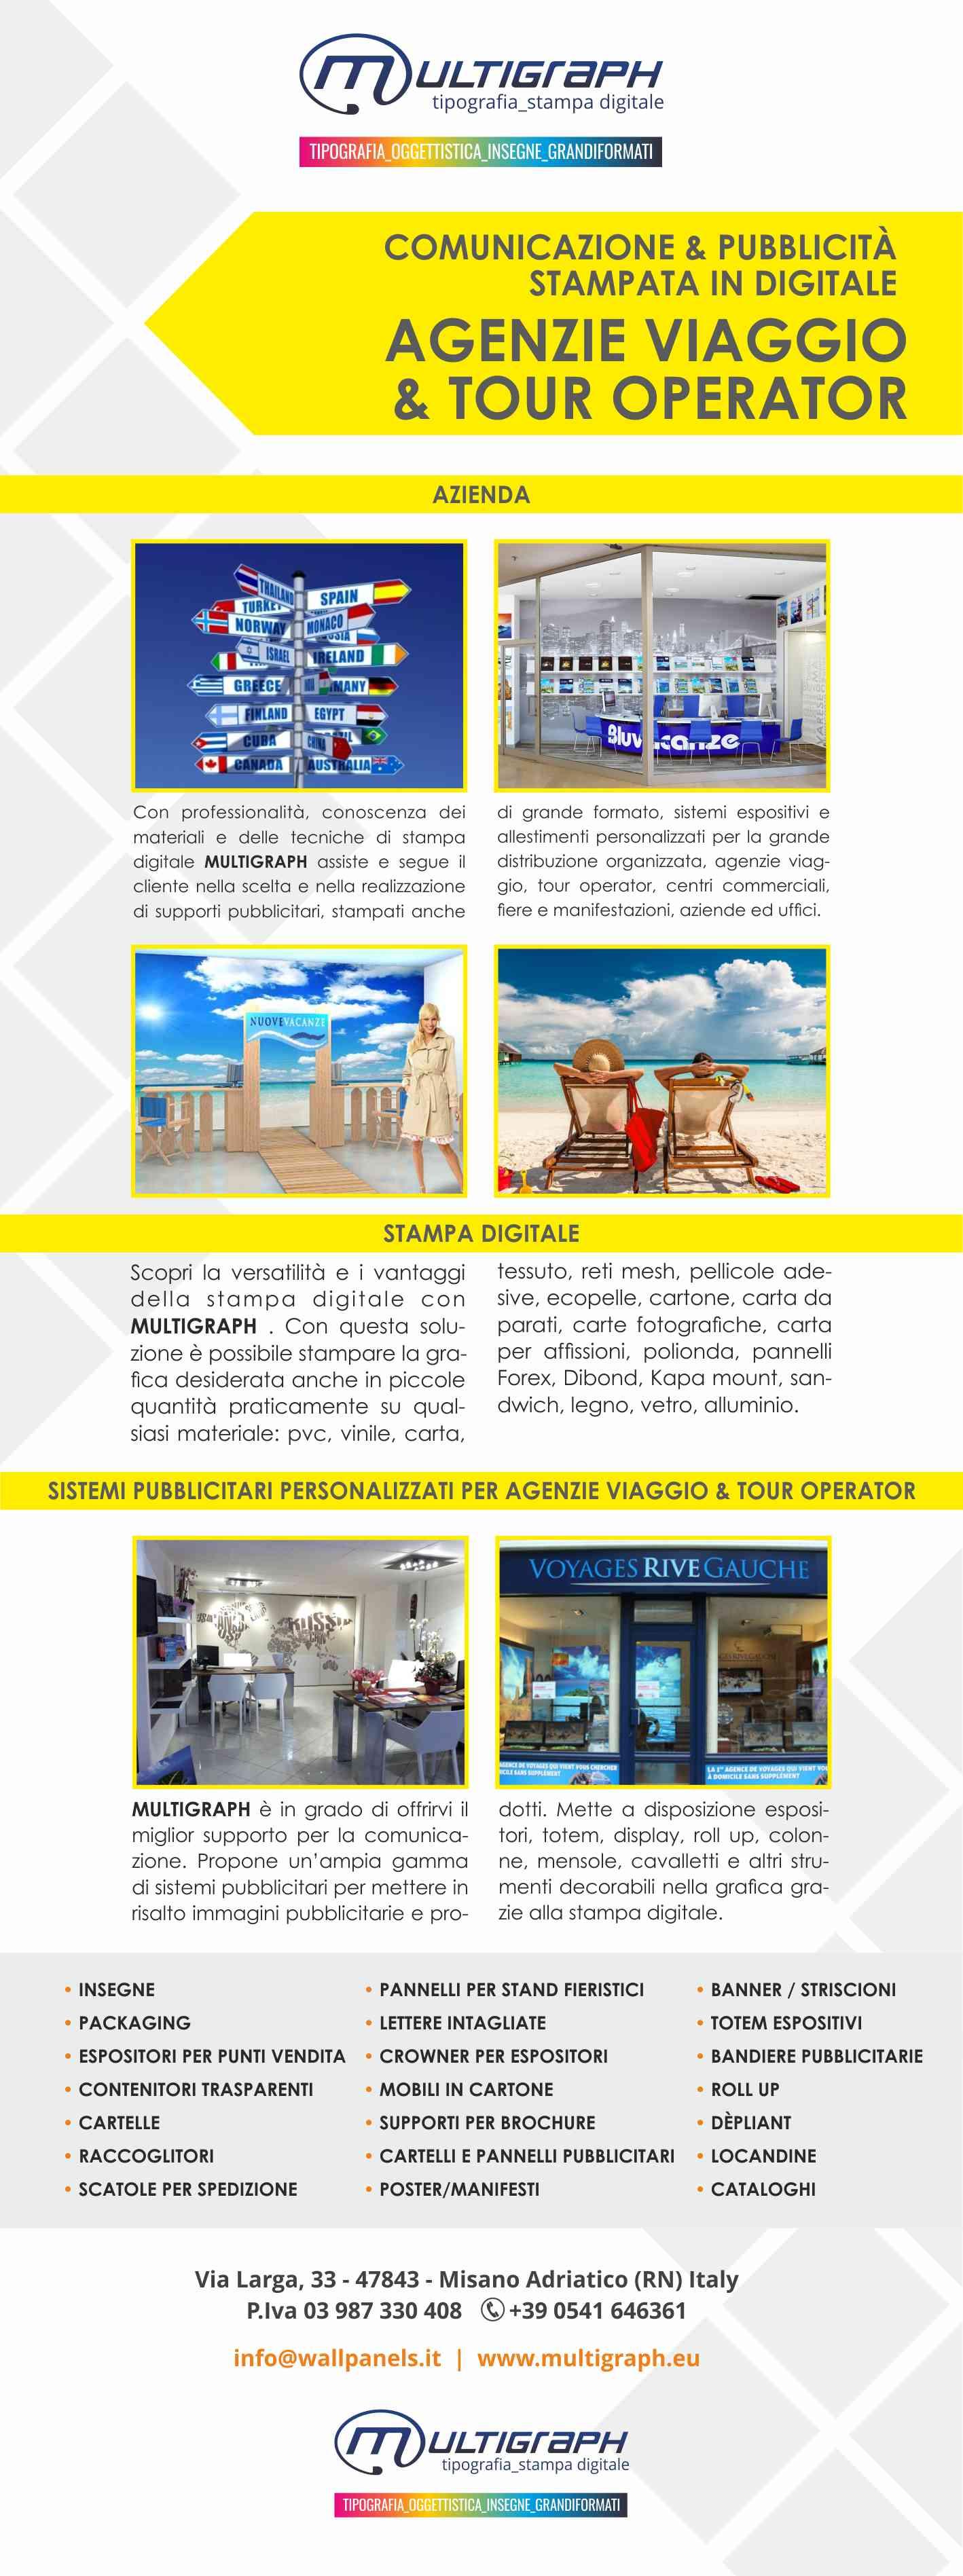 Pubblicita' agenzie di viaggio e tour operator